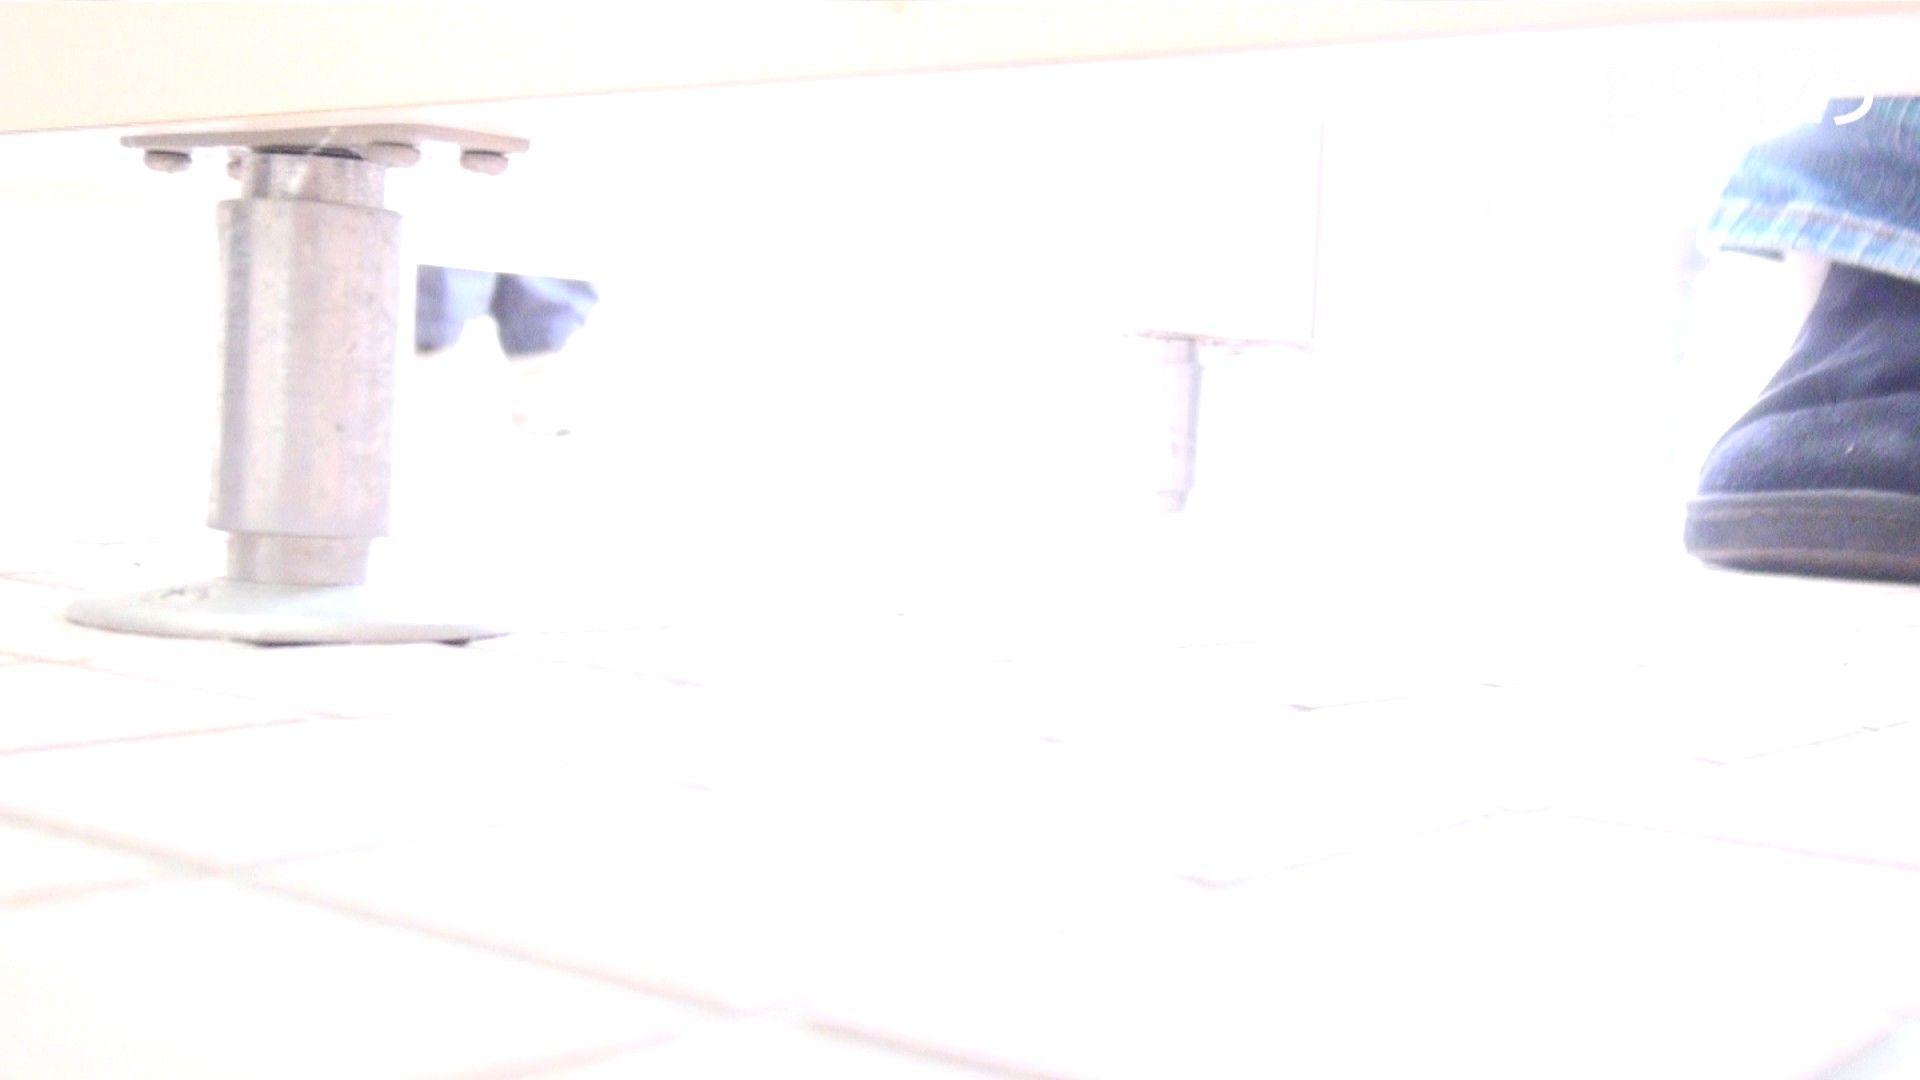 ▲復活限定▲ハイビジョン 盗神伝 Vol.25 女体盗撮 盗撮オマンコ無修正動画無料 71連発 71